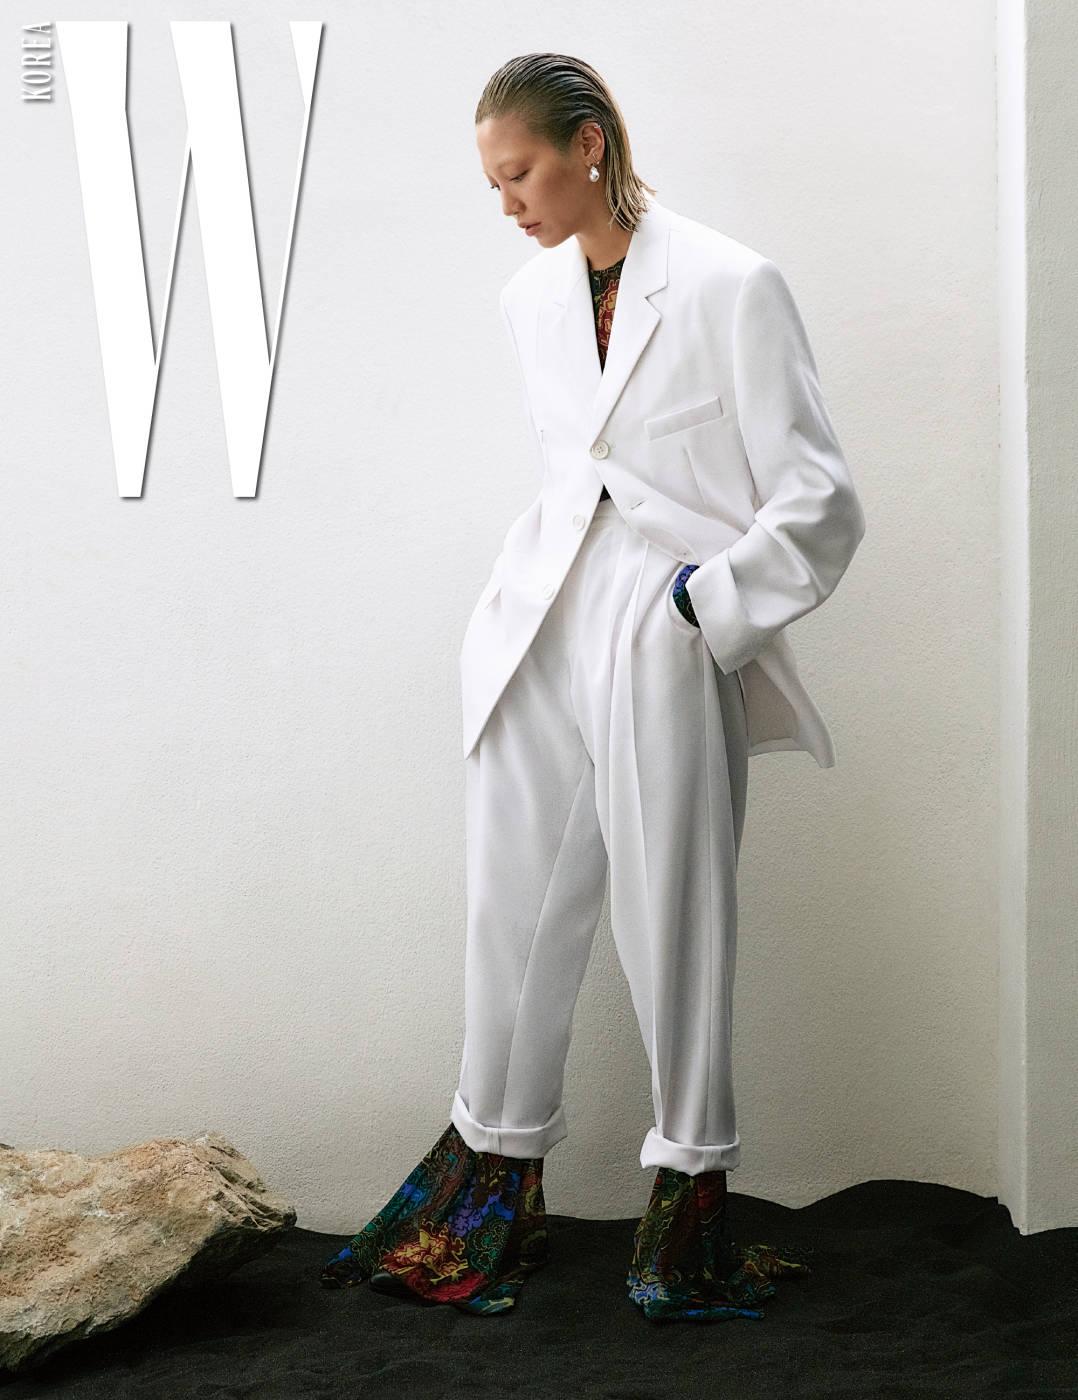 순백의 테일러드 재킷과 롤업 팬츠, 안에 매치한 화려한 프린트의 시스루 점프슈트, 진주 귀고리, 슈즈는 모두 Celine 제품.